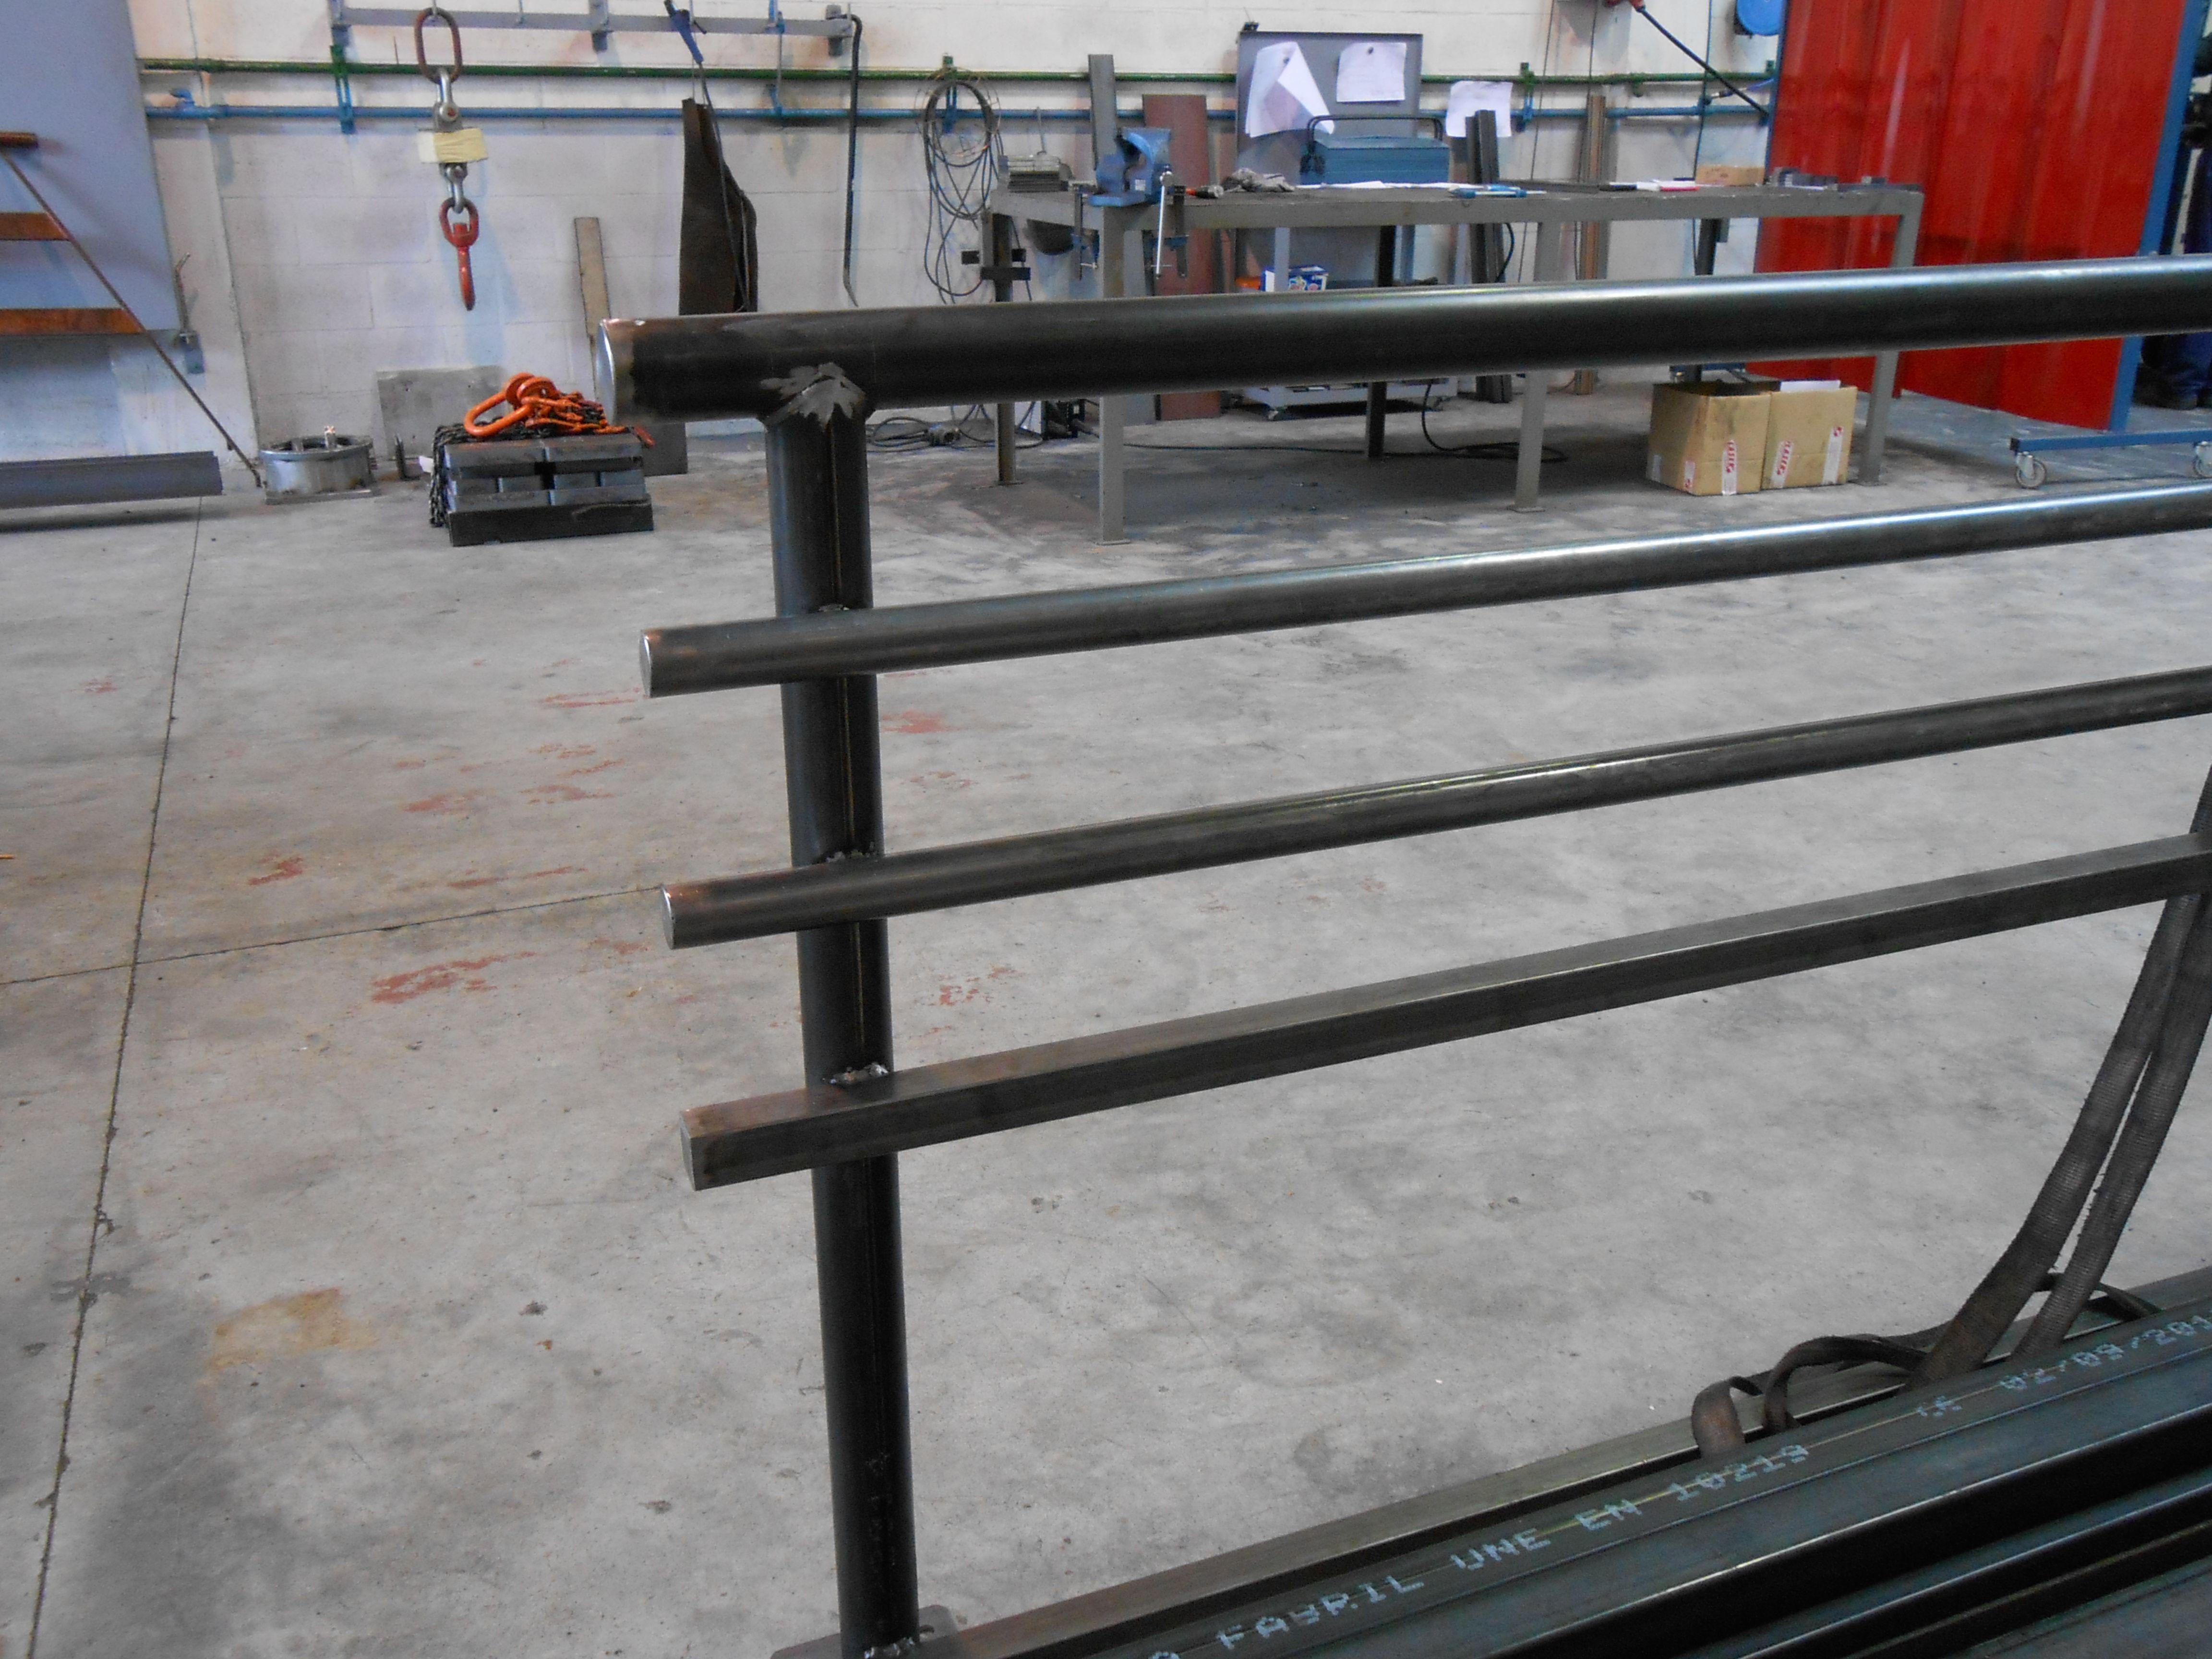 Barandillas de hierro barandillas ibarkalde pinterest barandillas de hierro hierro y - Barandillas de hierro ...